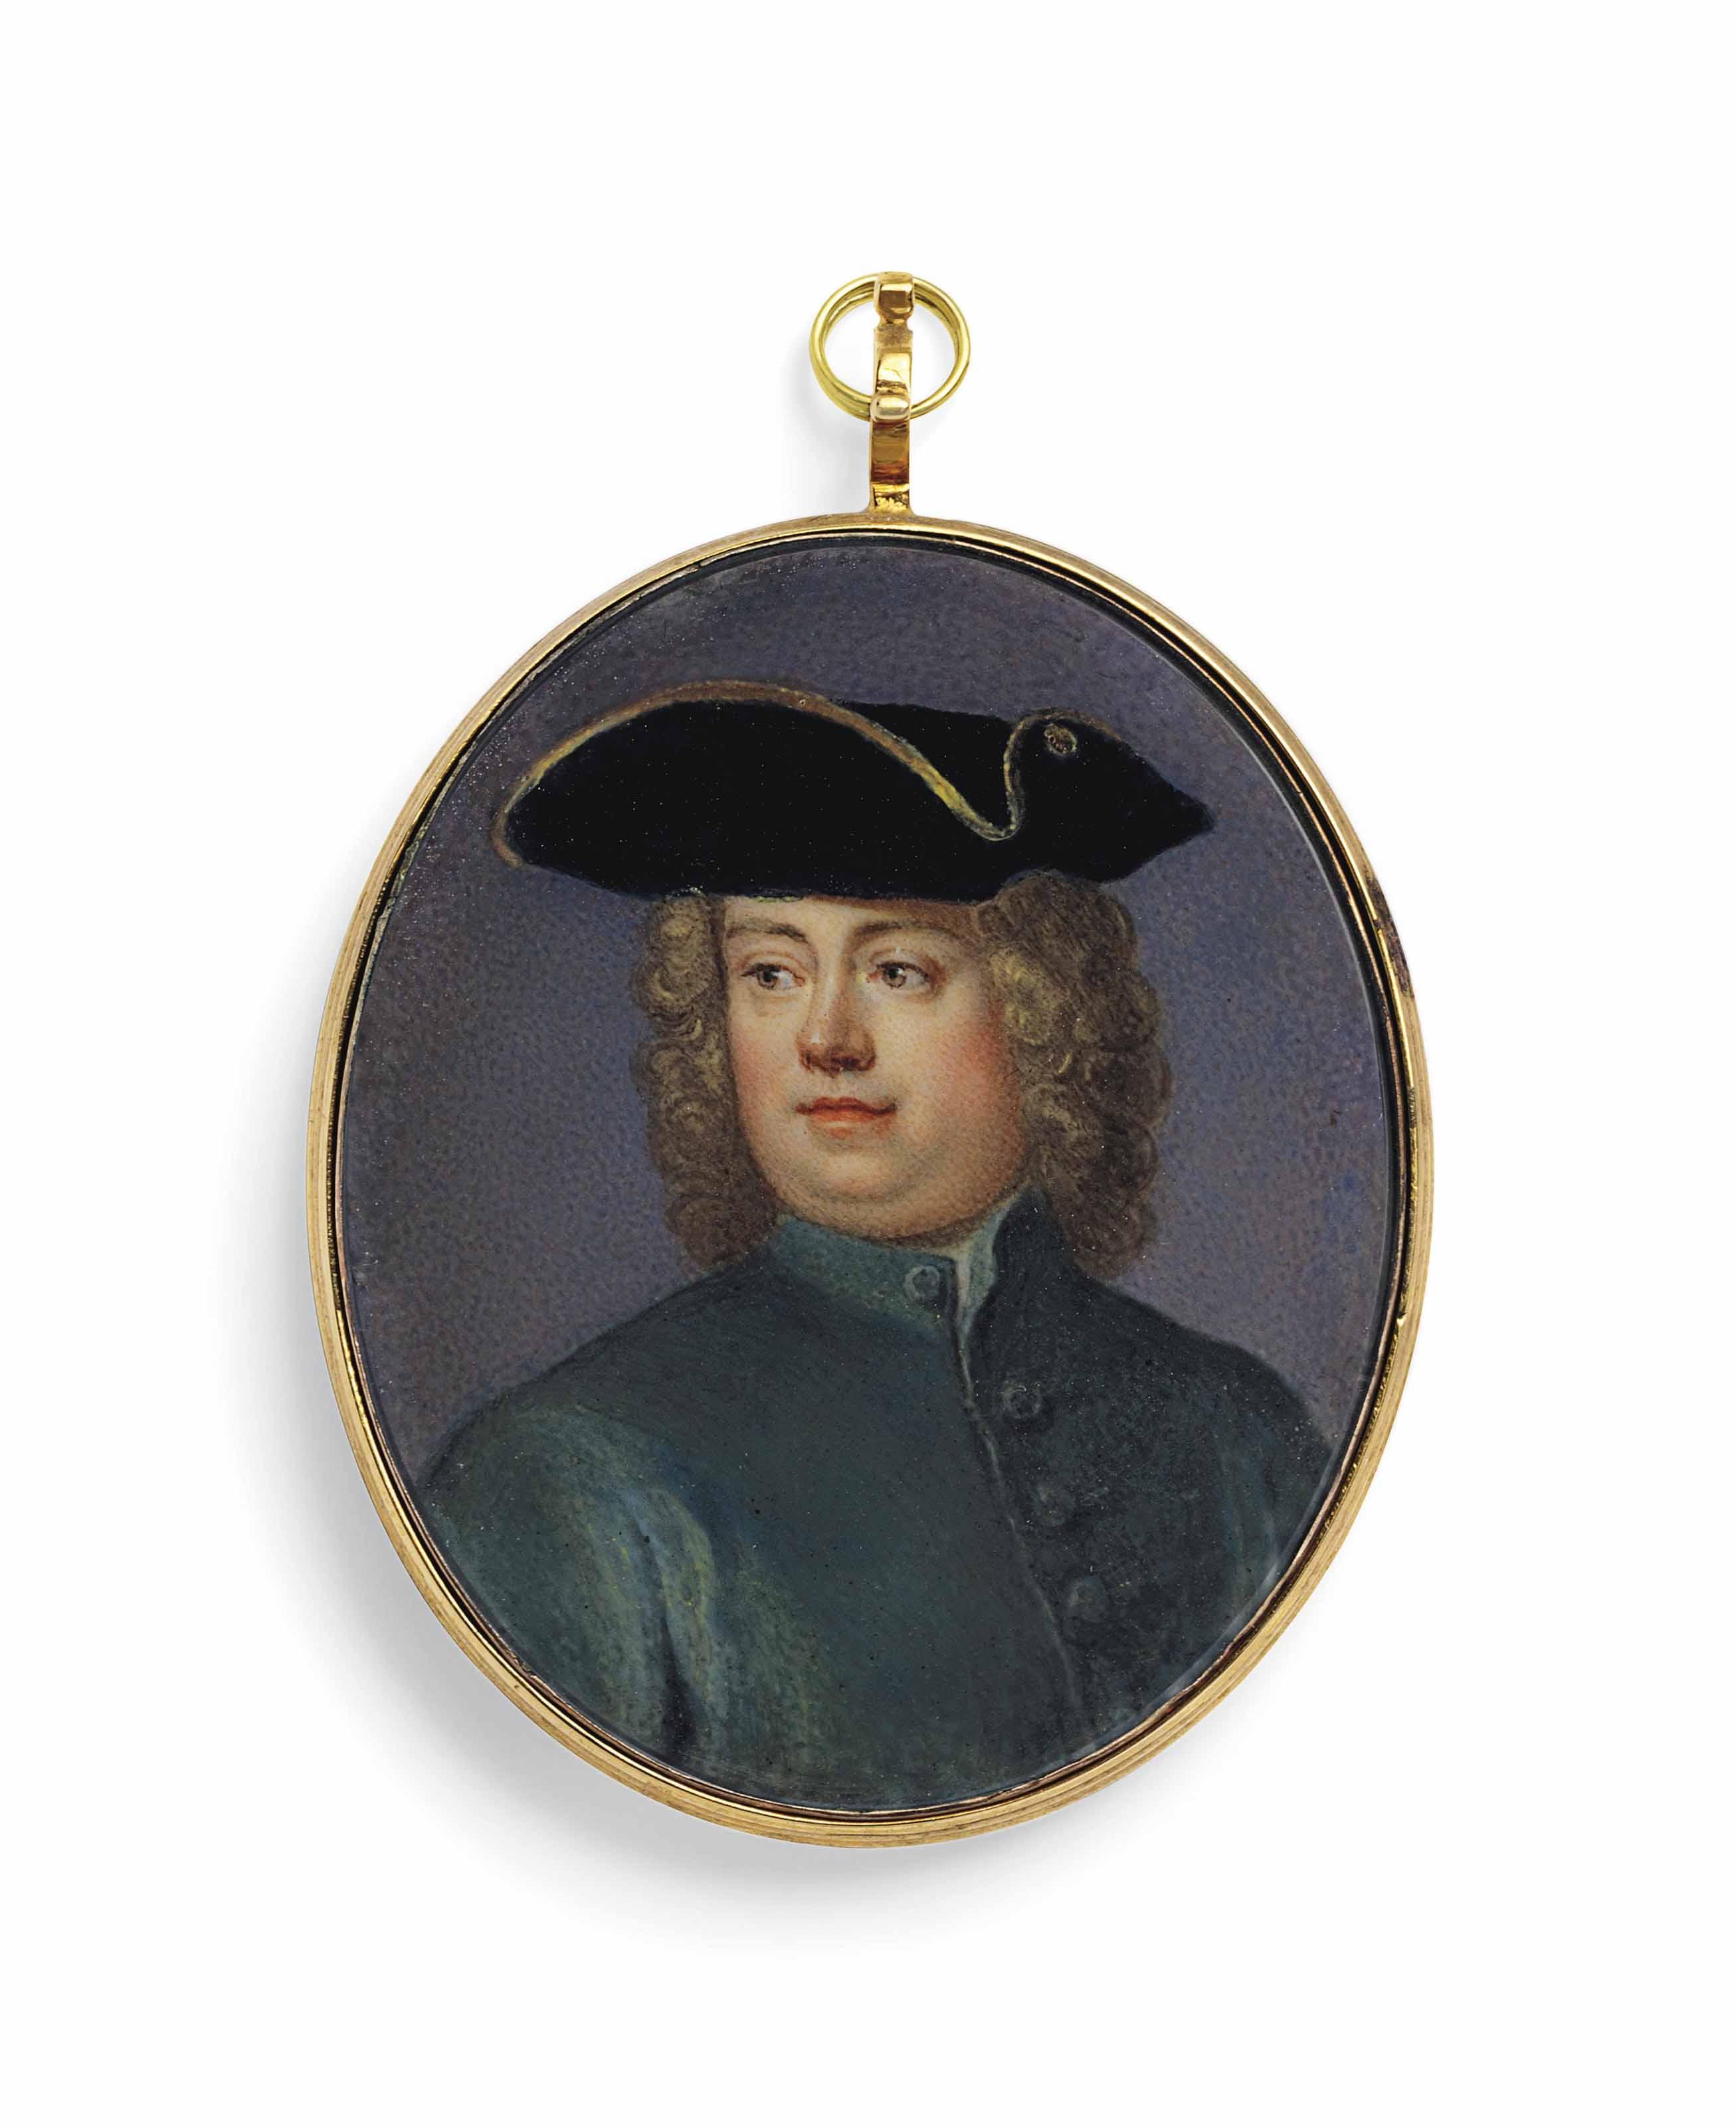 WILLIAM PREWETT (BRITISH, FL. C. 1733 - 1740) AFTER JOHN WOOTTON (C. 1682-1764)